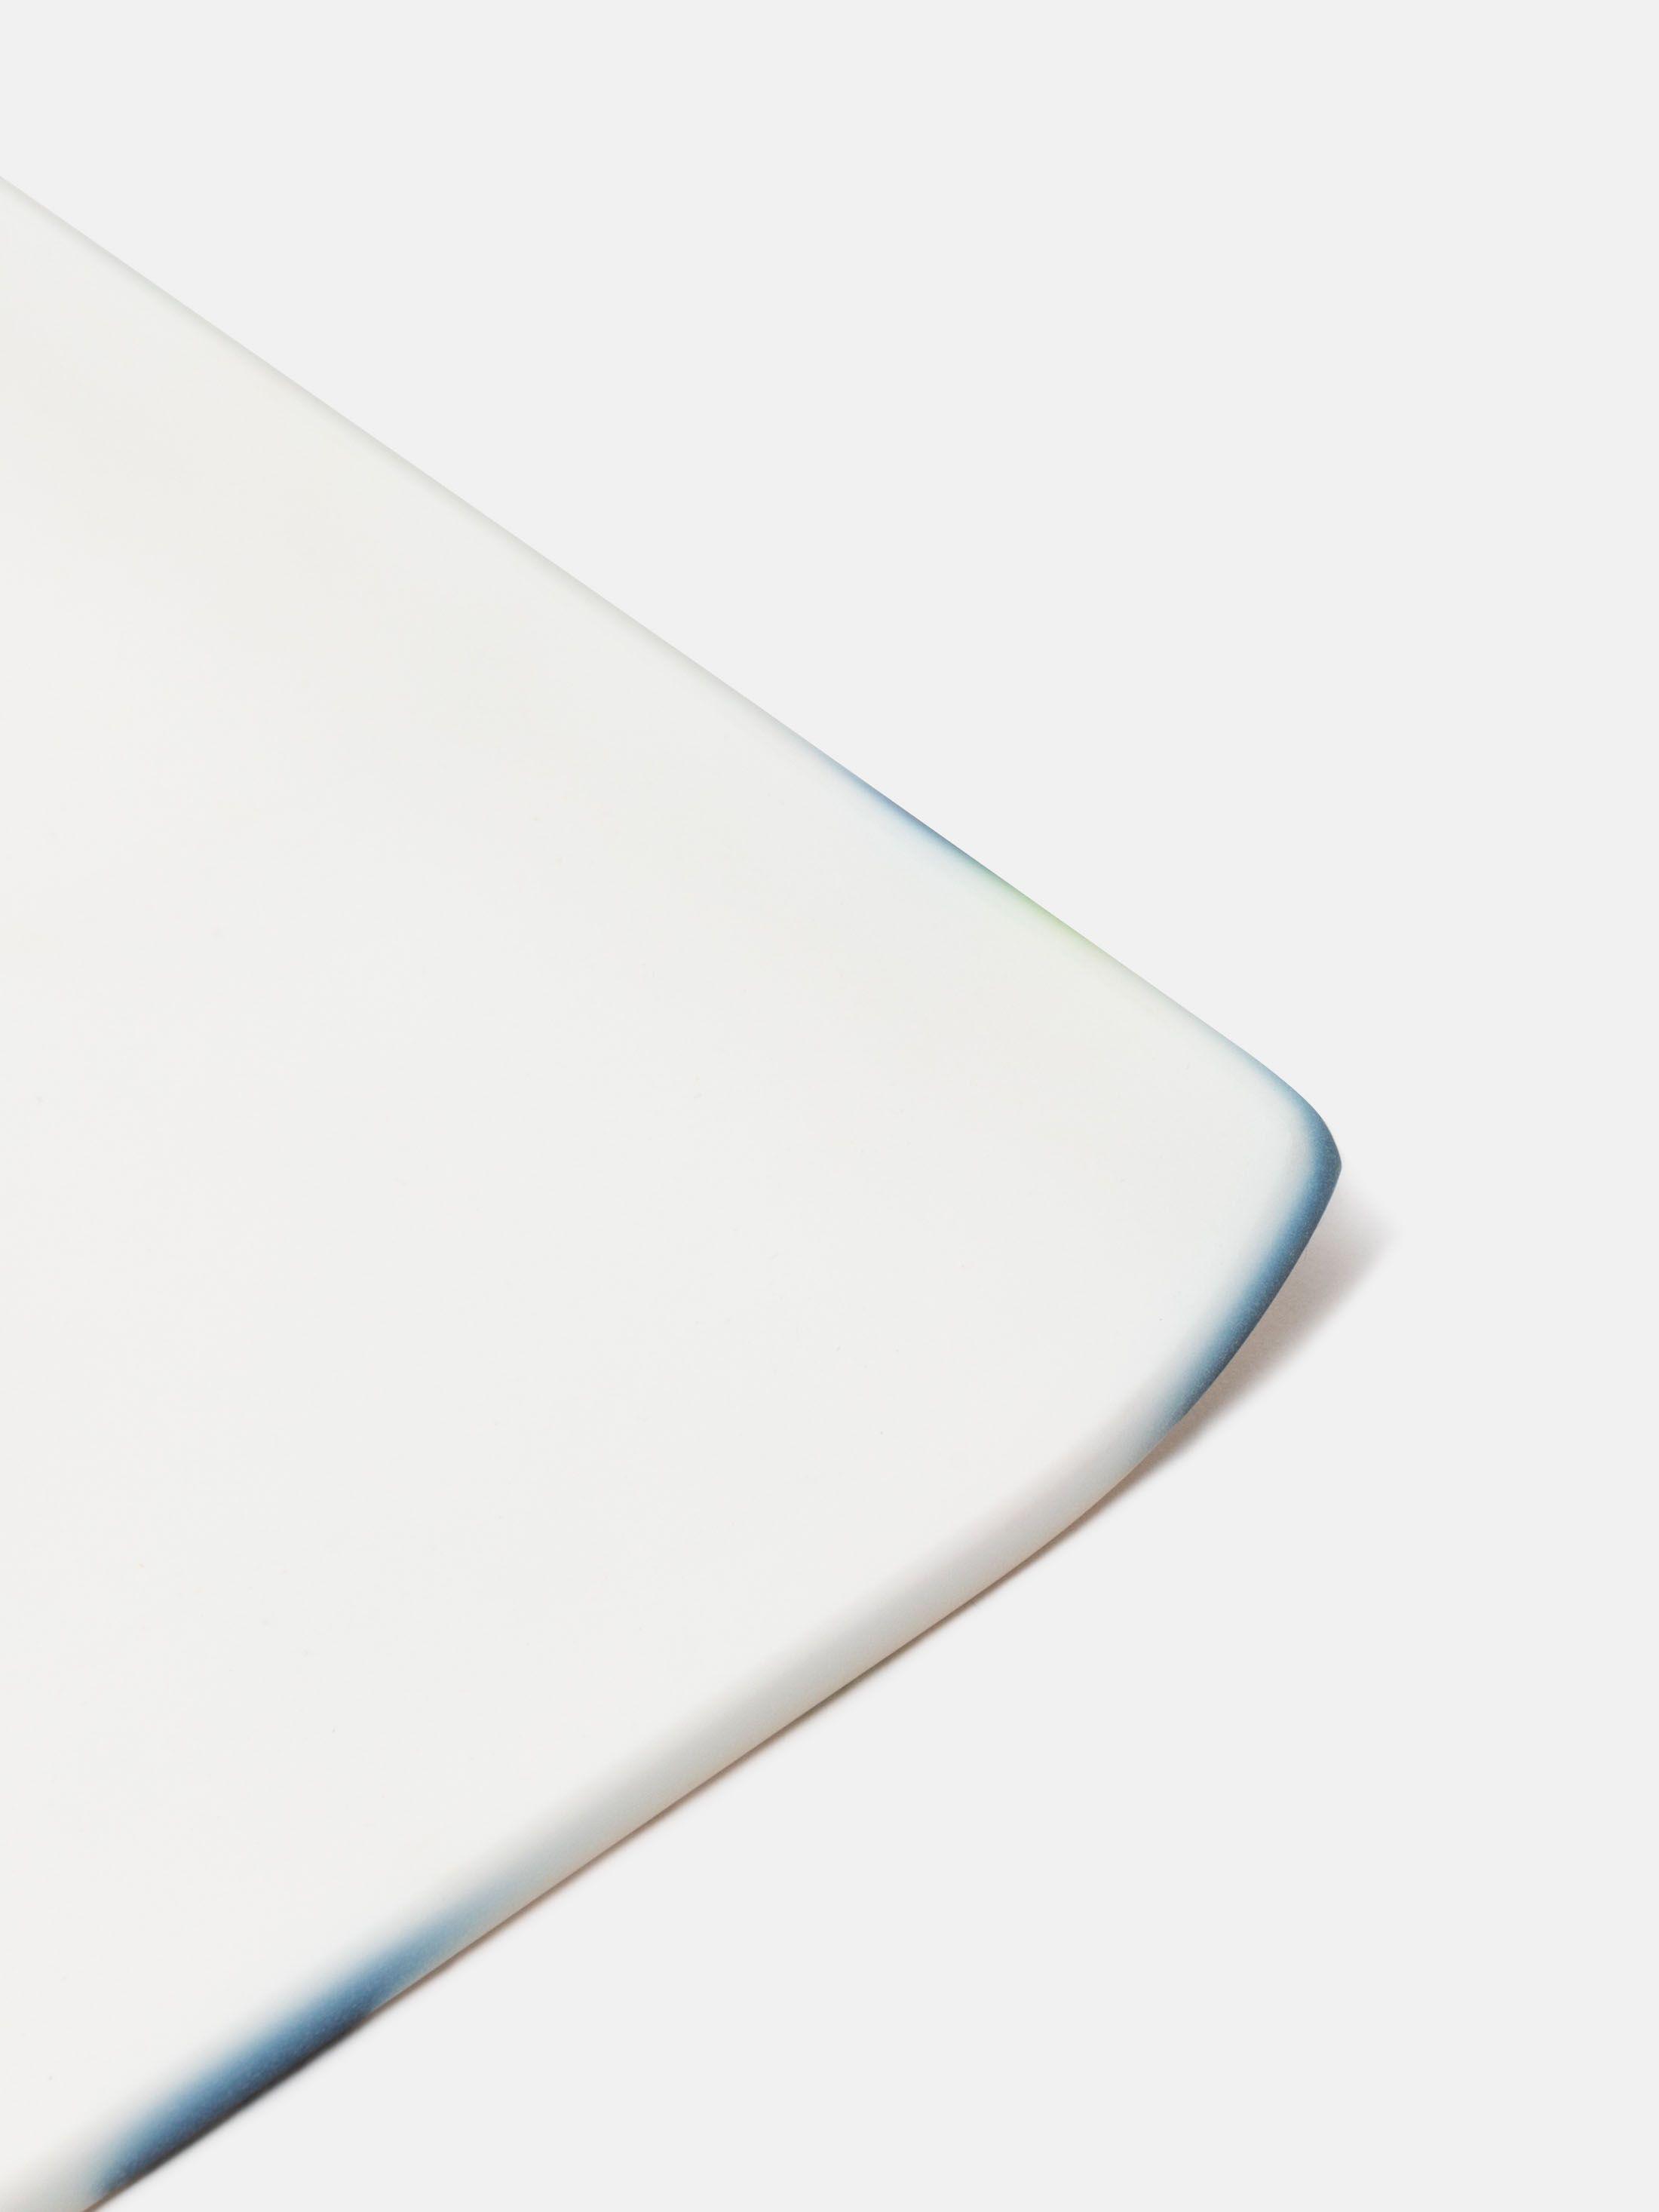 Porte stylo personnalisé avec design